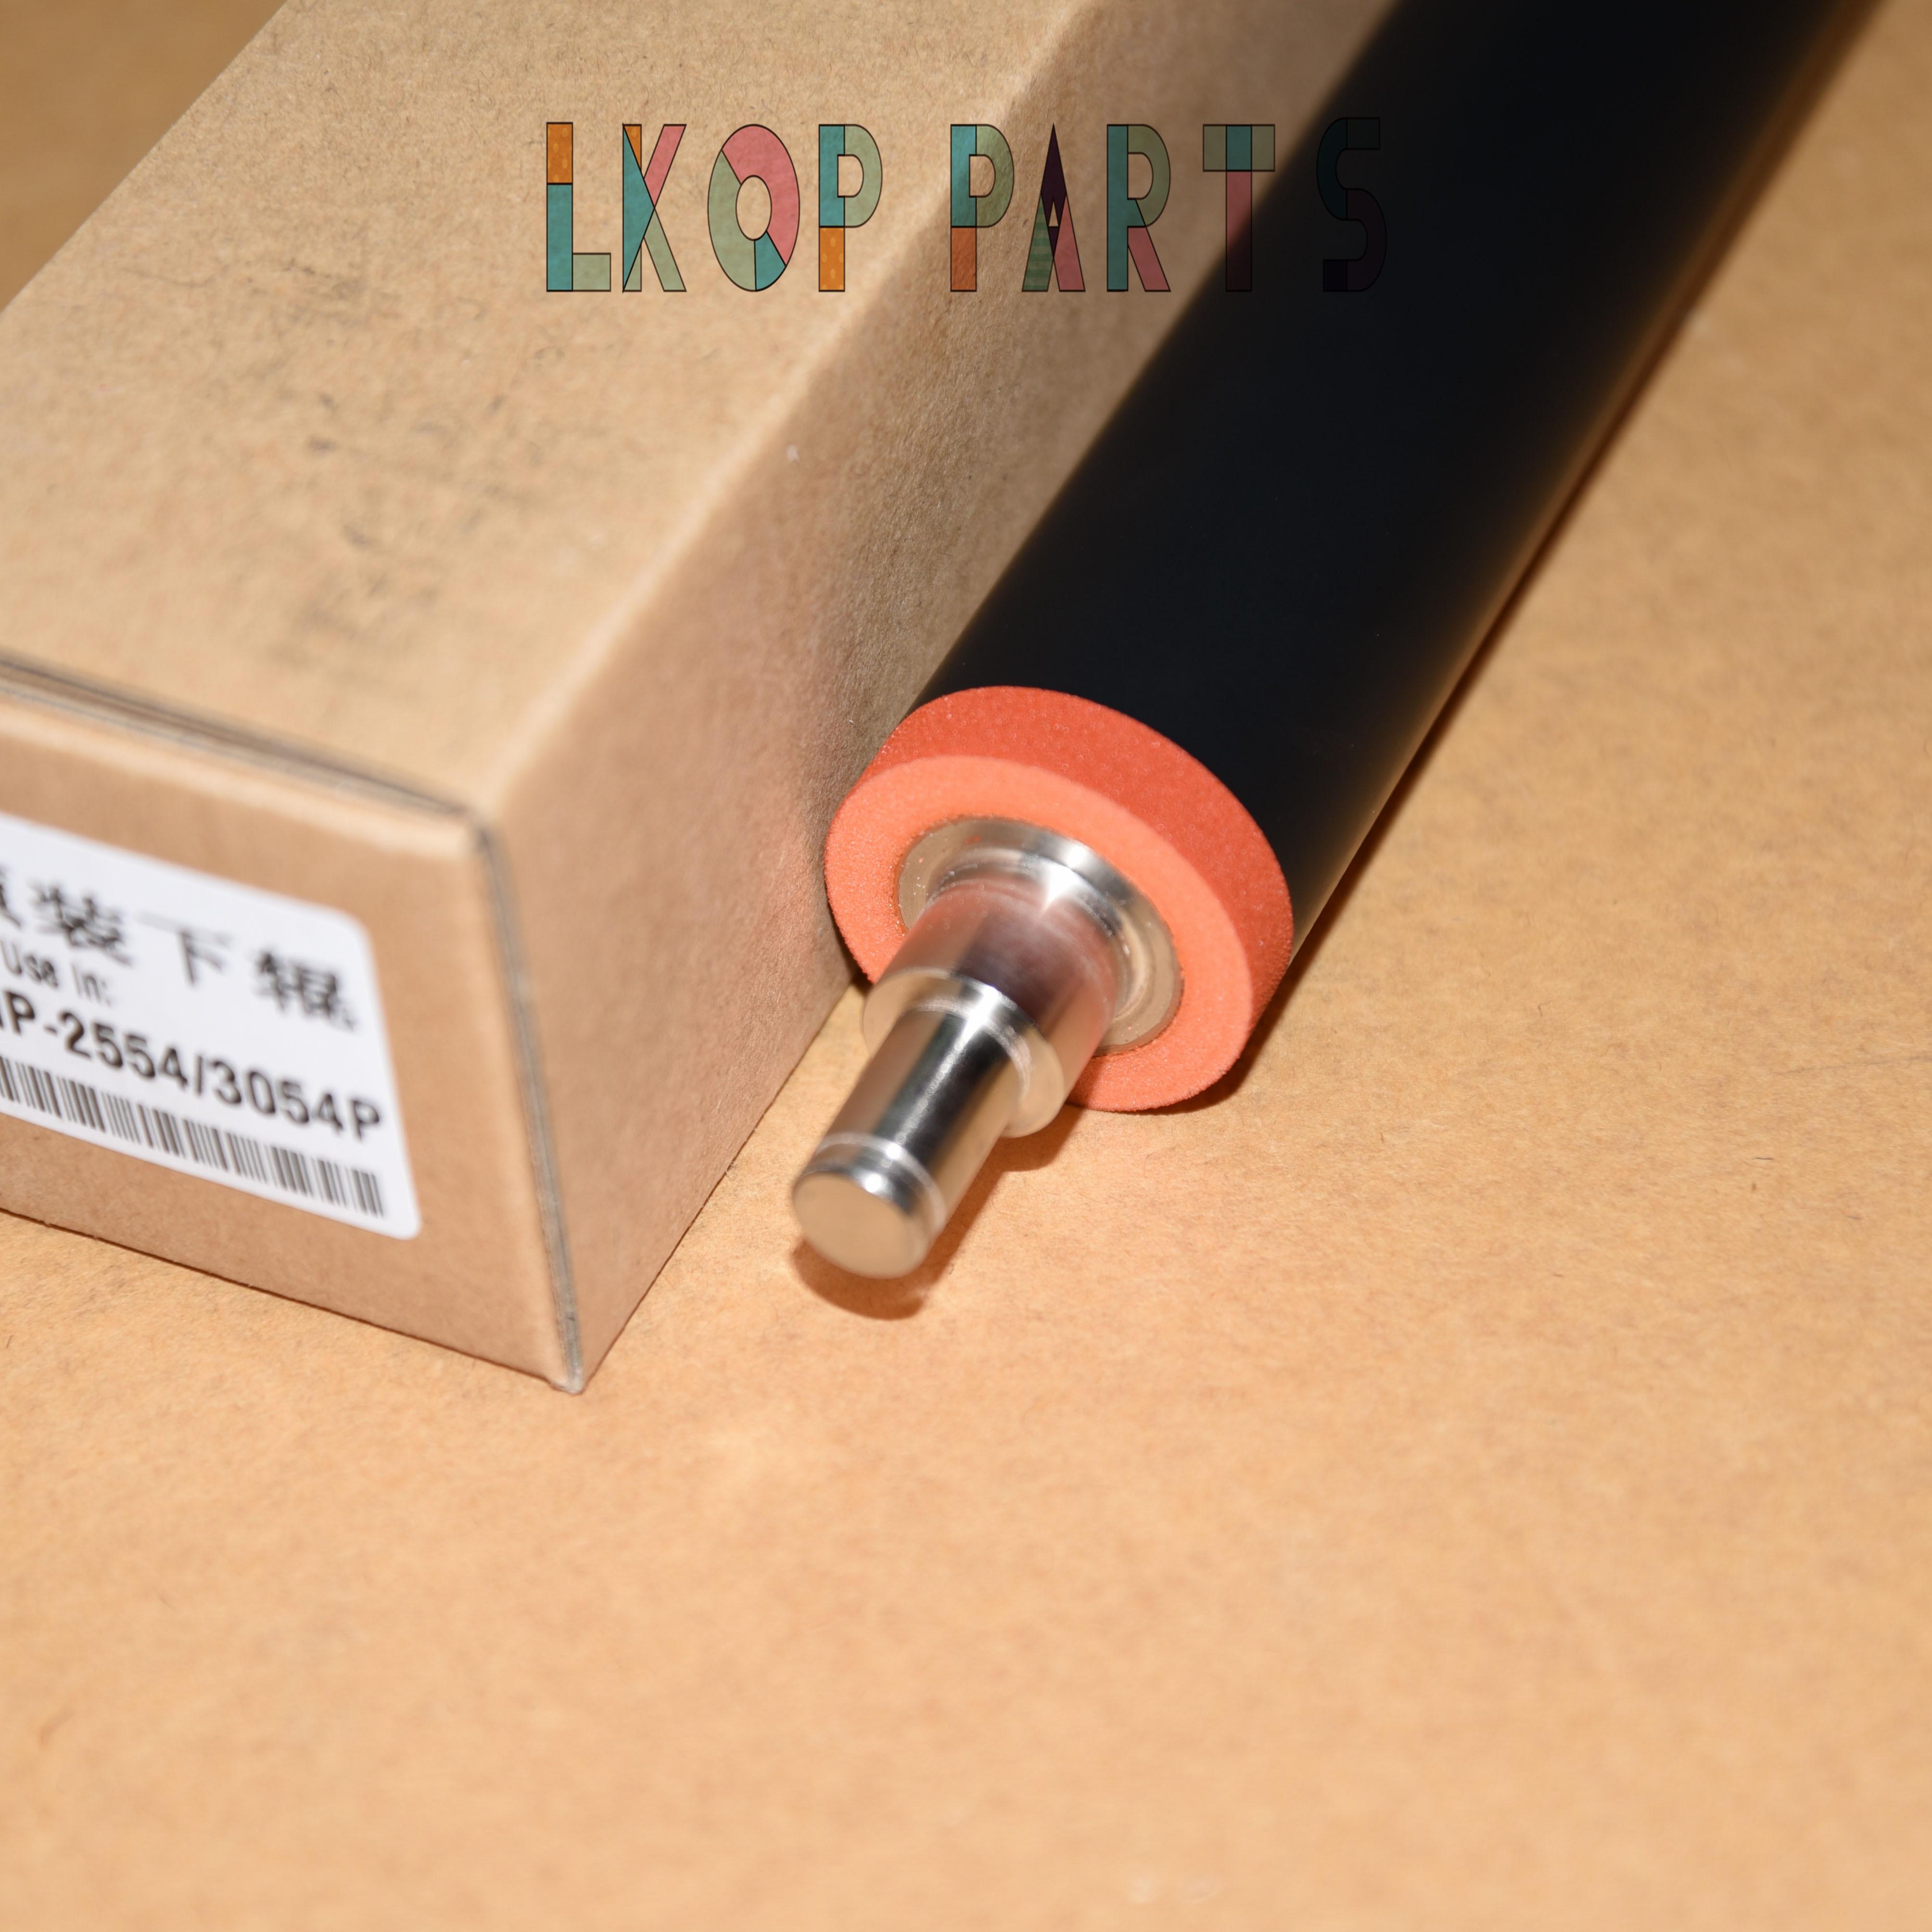 1 قطعة MP2554 ضغط الأسطوانة جديد الأصلي أقل فوزر الأسطوانة لريكو MP 2554 3054 3554 4054 MP2554 MP3054 MP4054 MP5054 MP6054